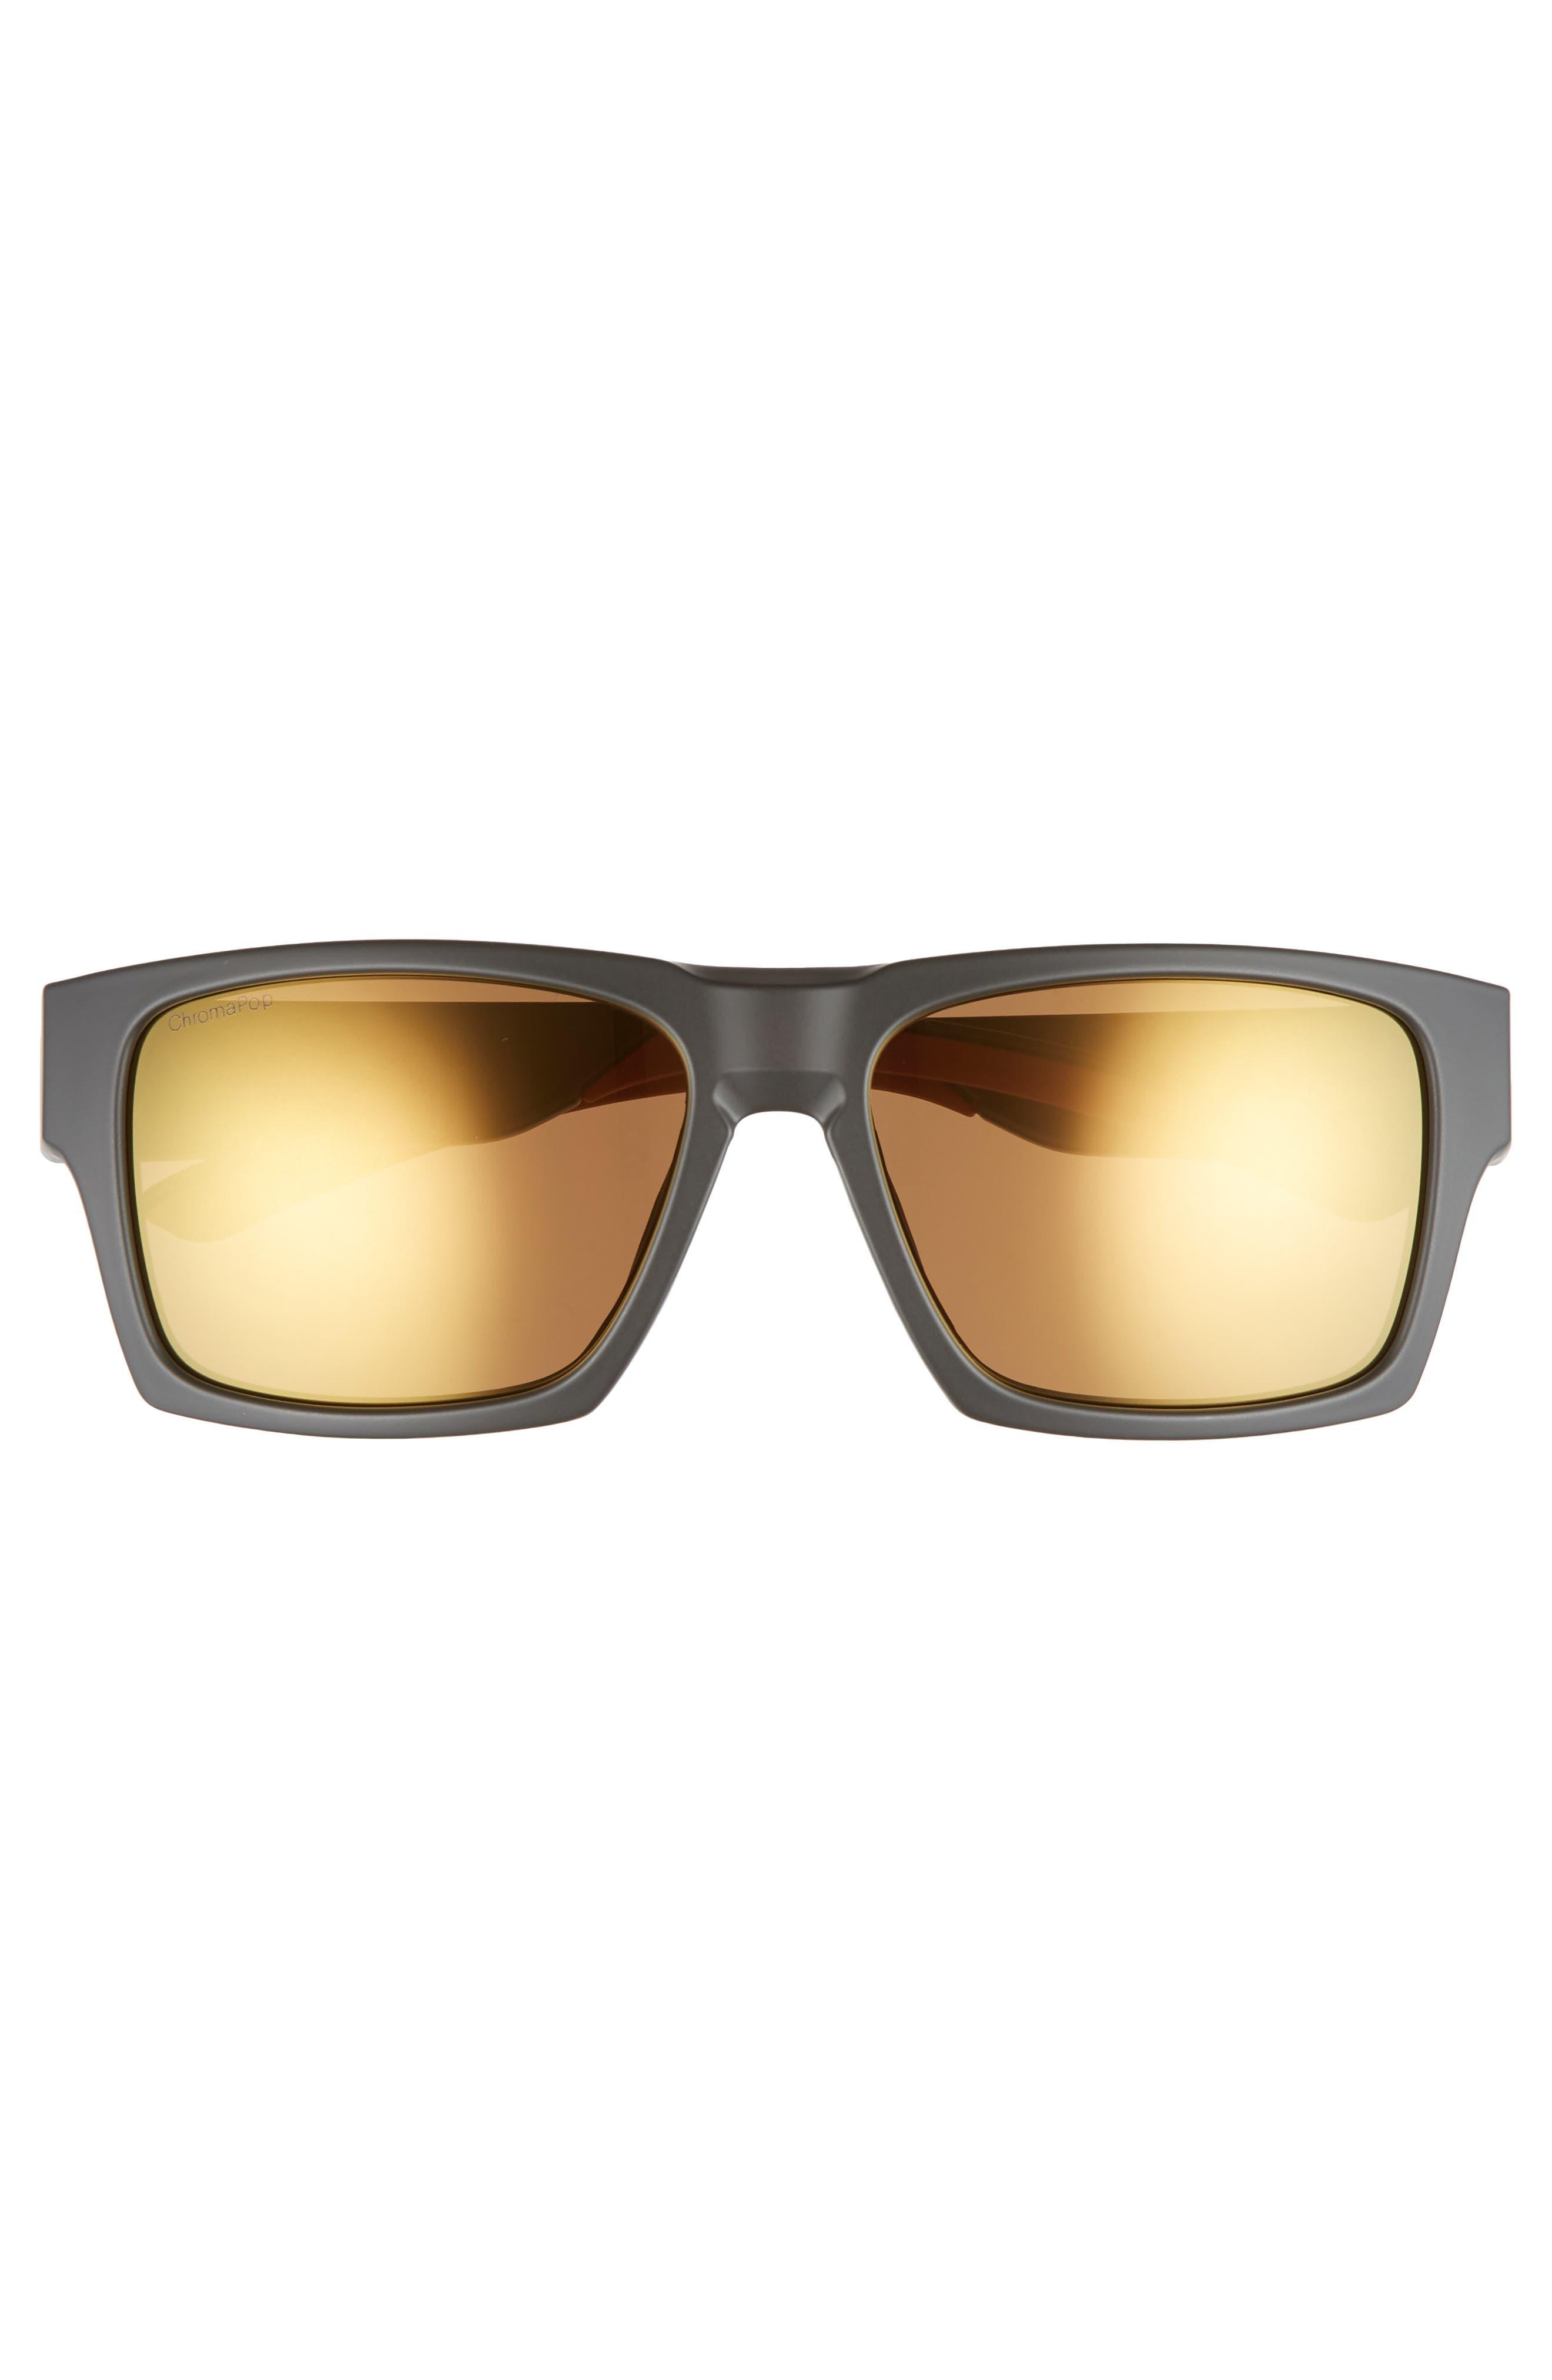 Outlier 2 XL 59mm ChromaPop Sunglasses,                             Alternate thumbnail 2, color,                             MATTE GRAVY/ BRONZE MIRROR